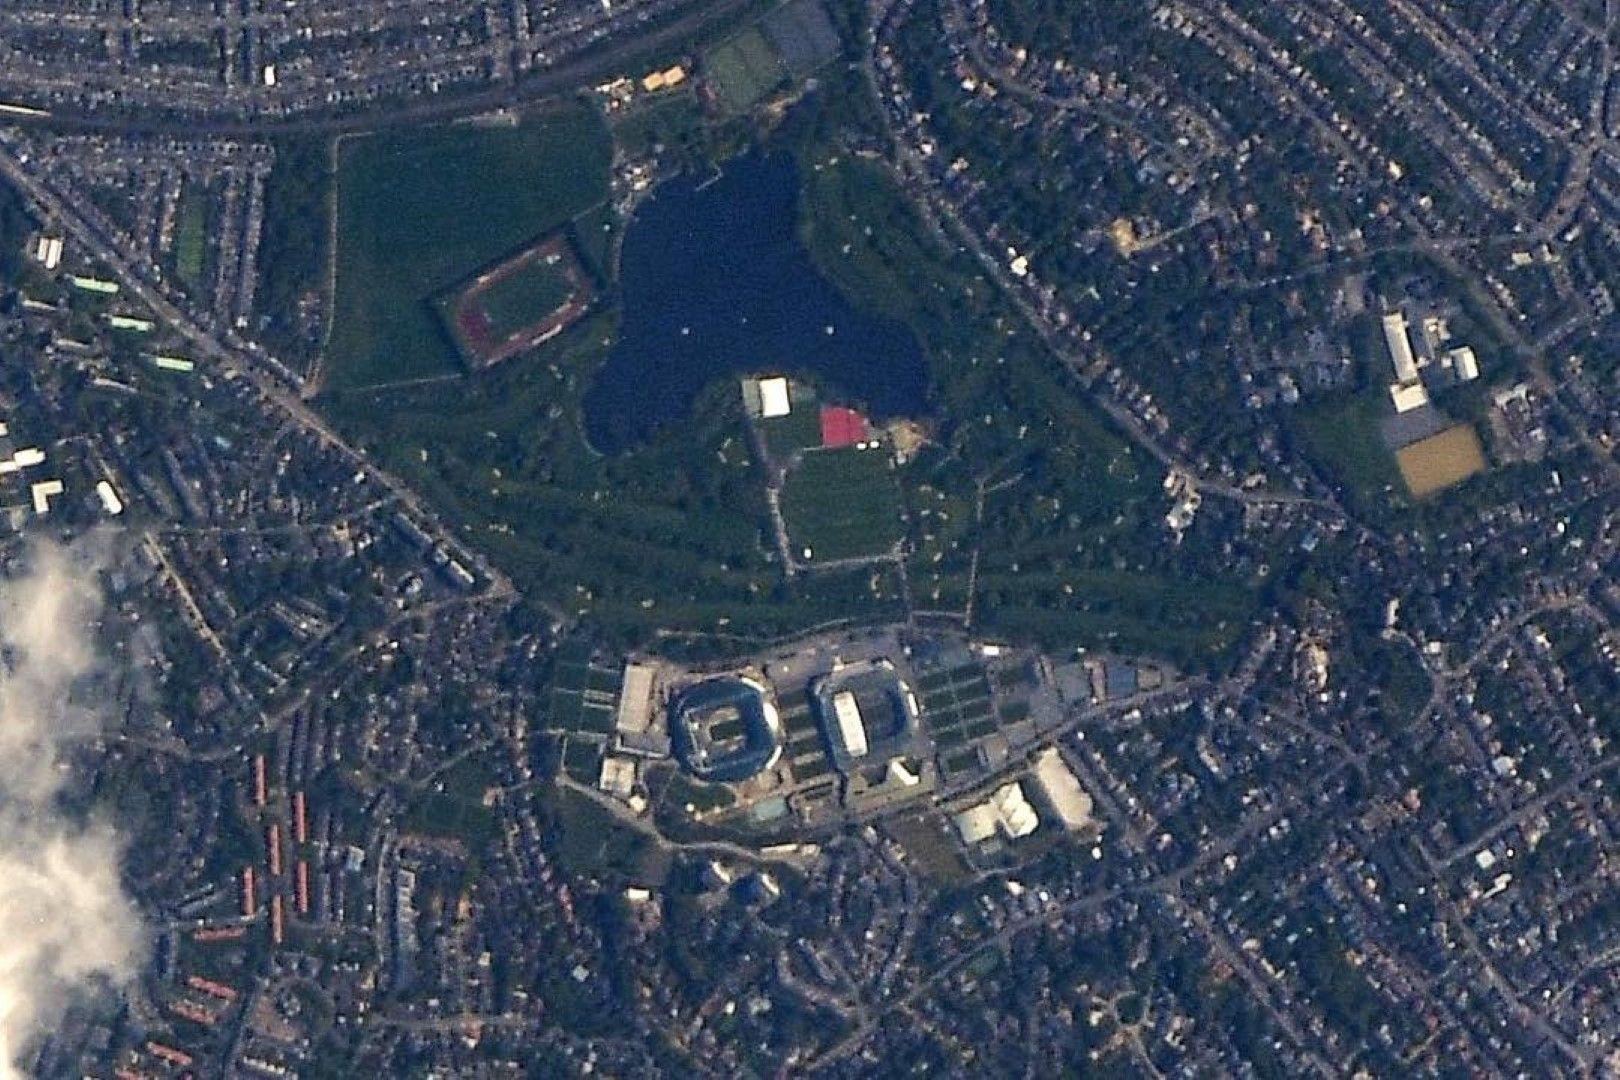 Това обаче не е толкова лошо - в Инстаграм се появи снимка на комплекса в Лондон, където е легендарната надпревара на трева в тениса.